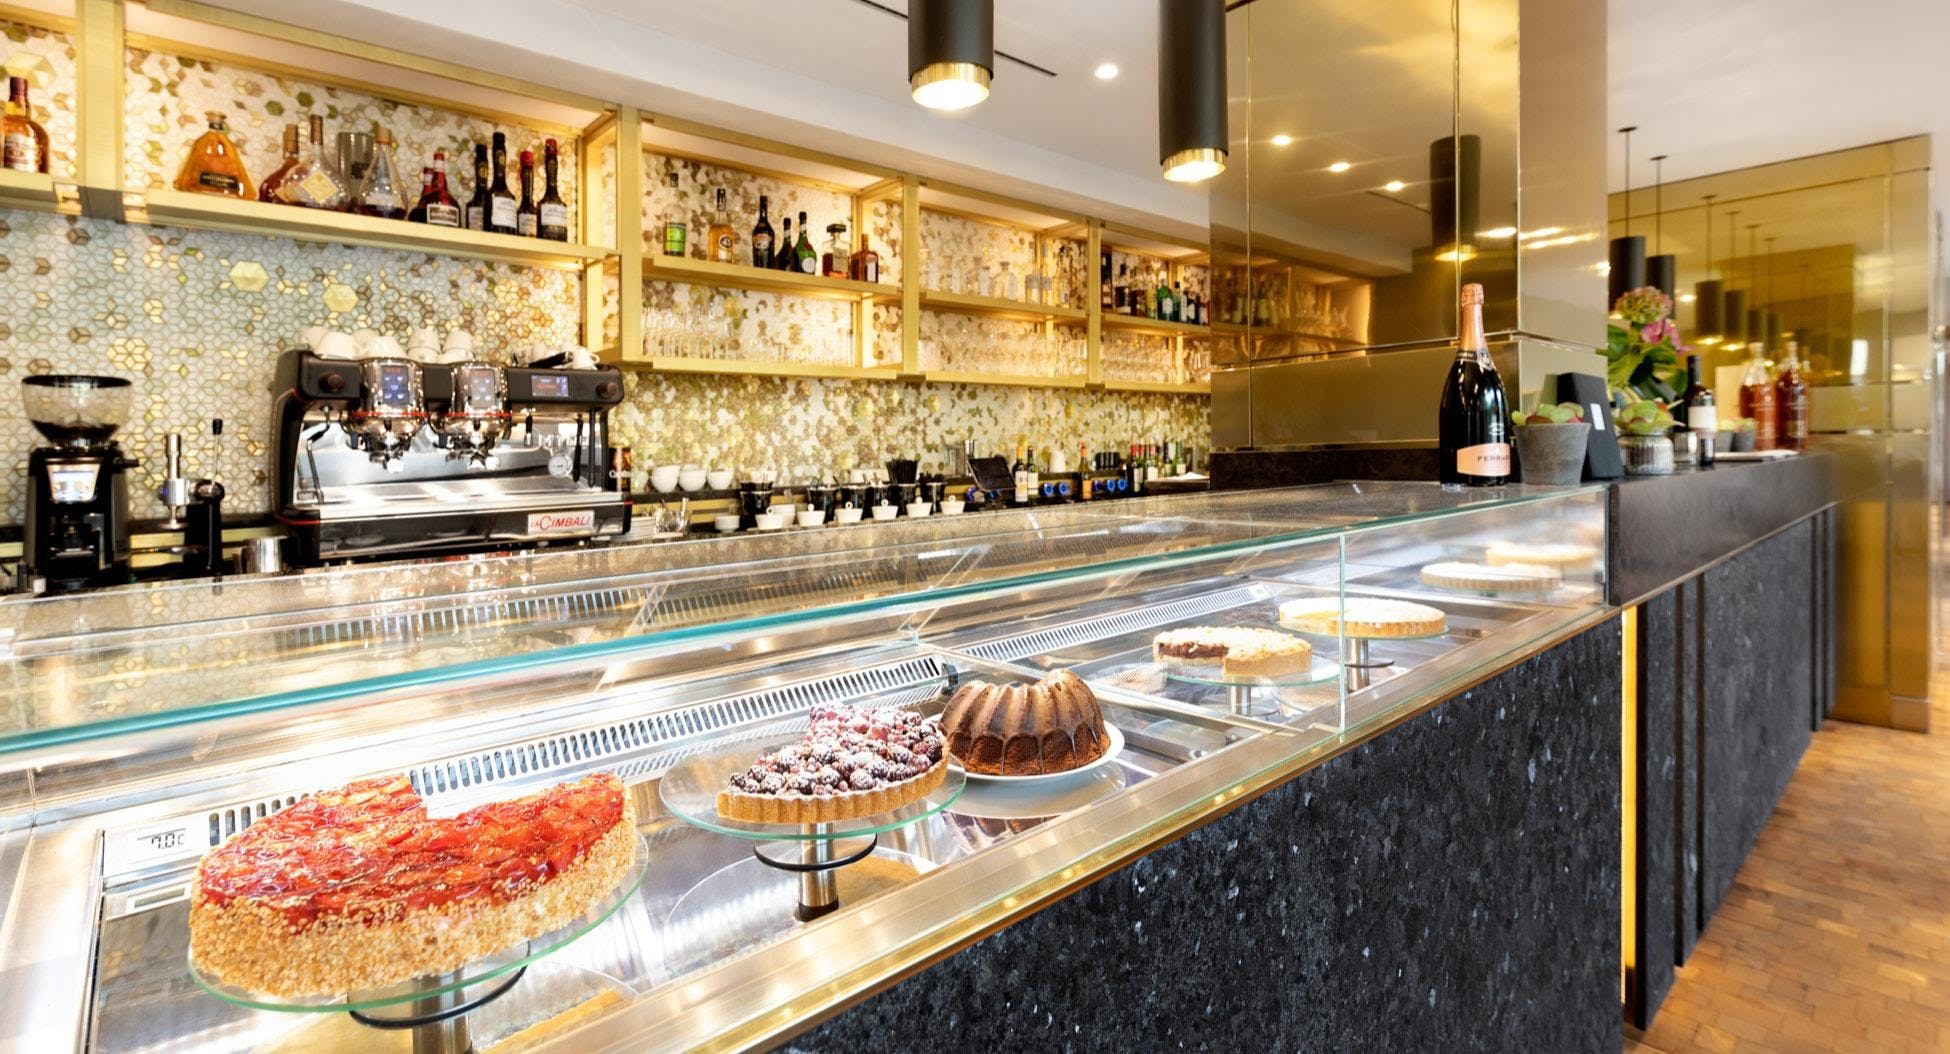 1687 Restaurant & Cafe Berlin image 1